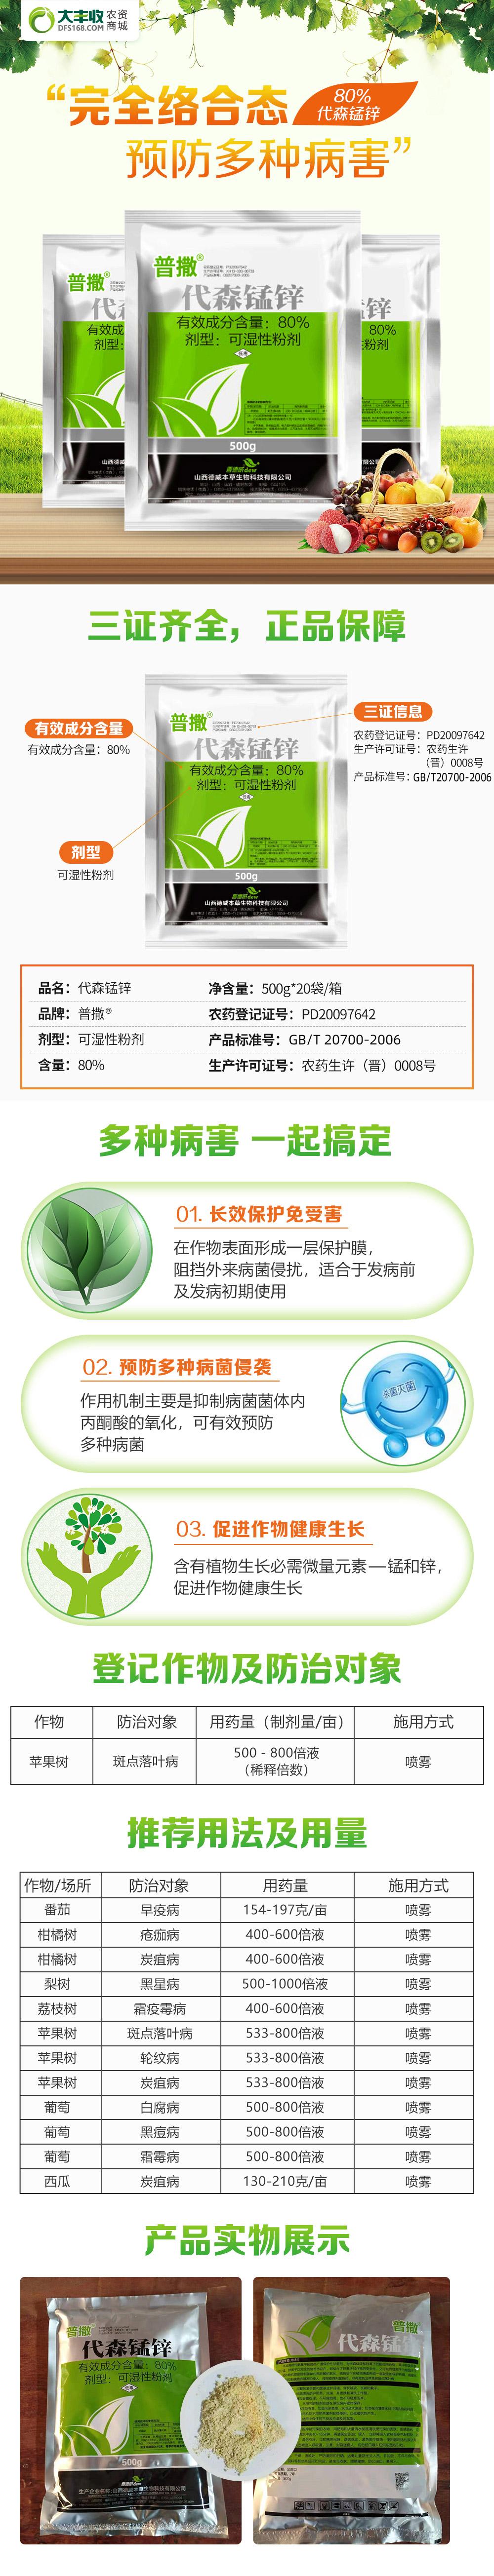 普撒代森锰锌80%可湿性粉剂.jpg